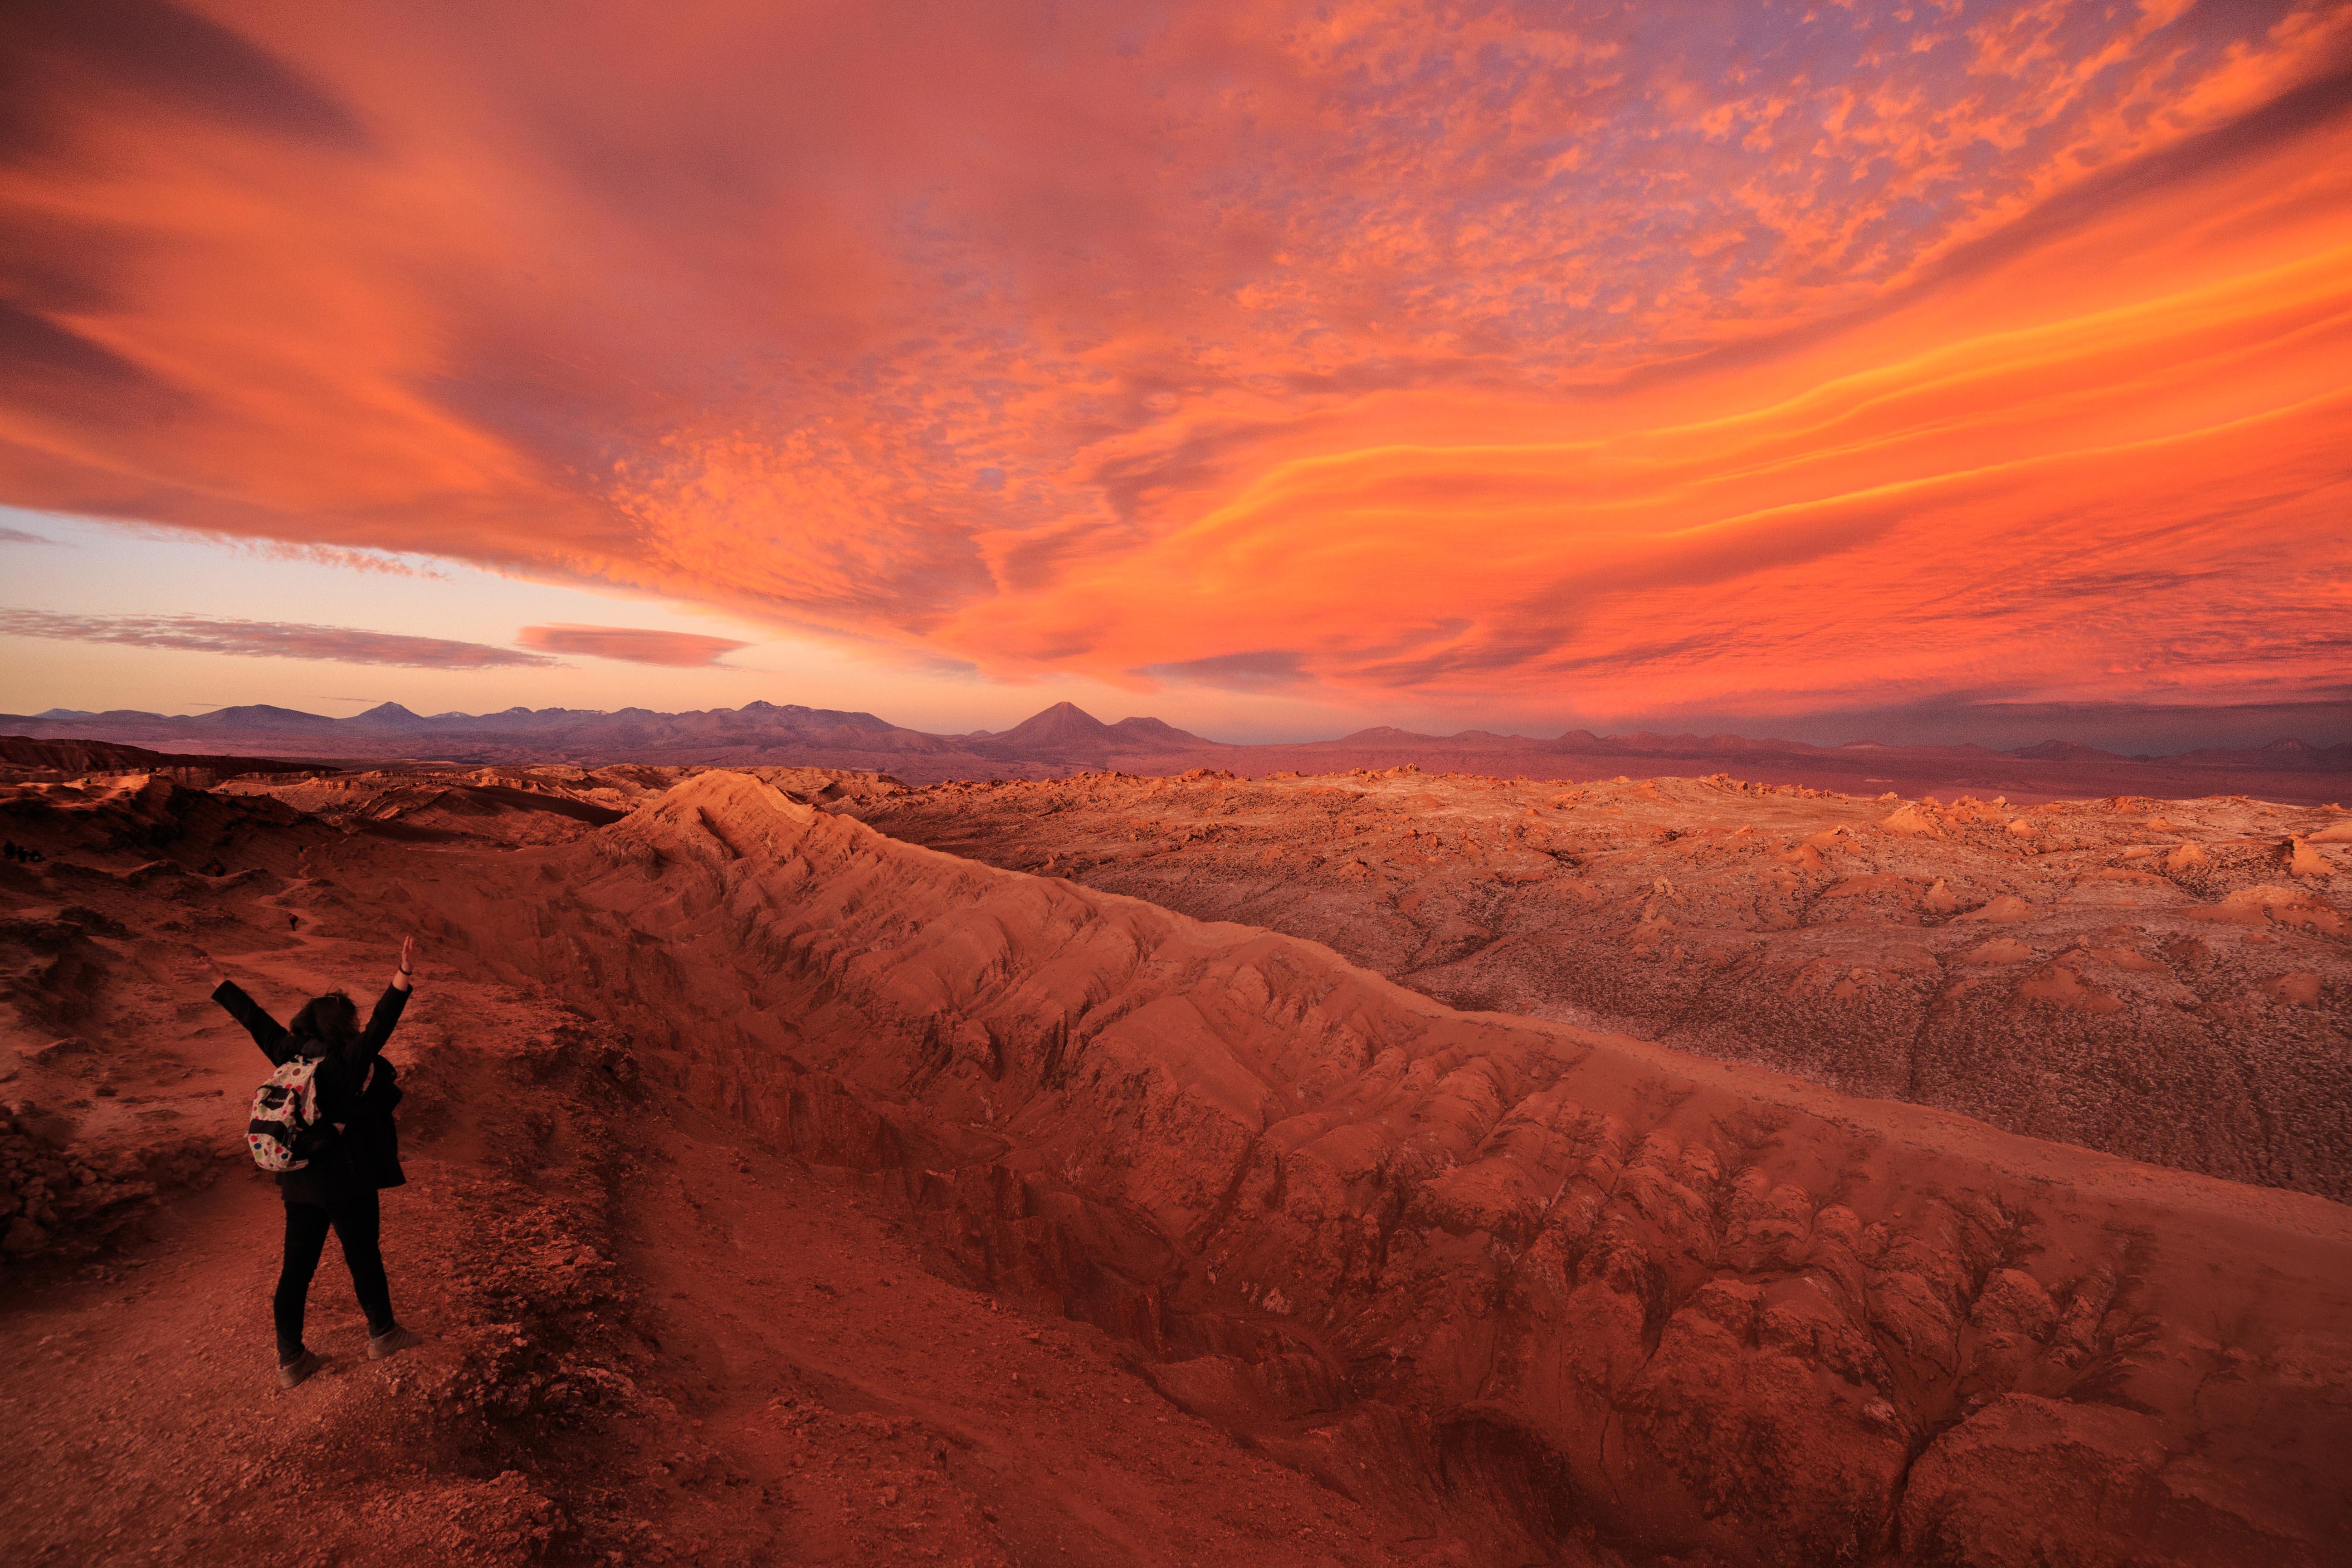 Valle de la luna - San Pedro de Atacama.